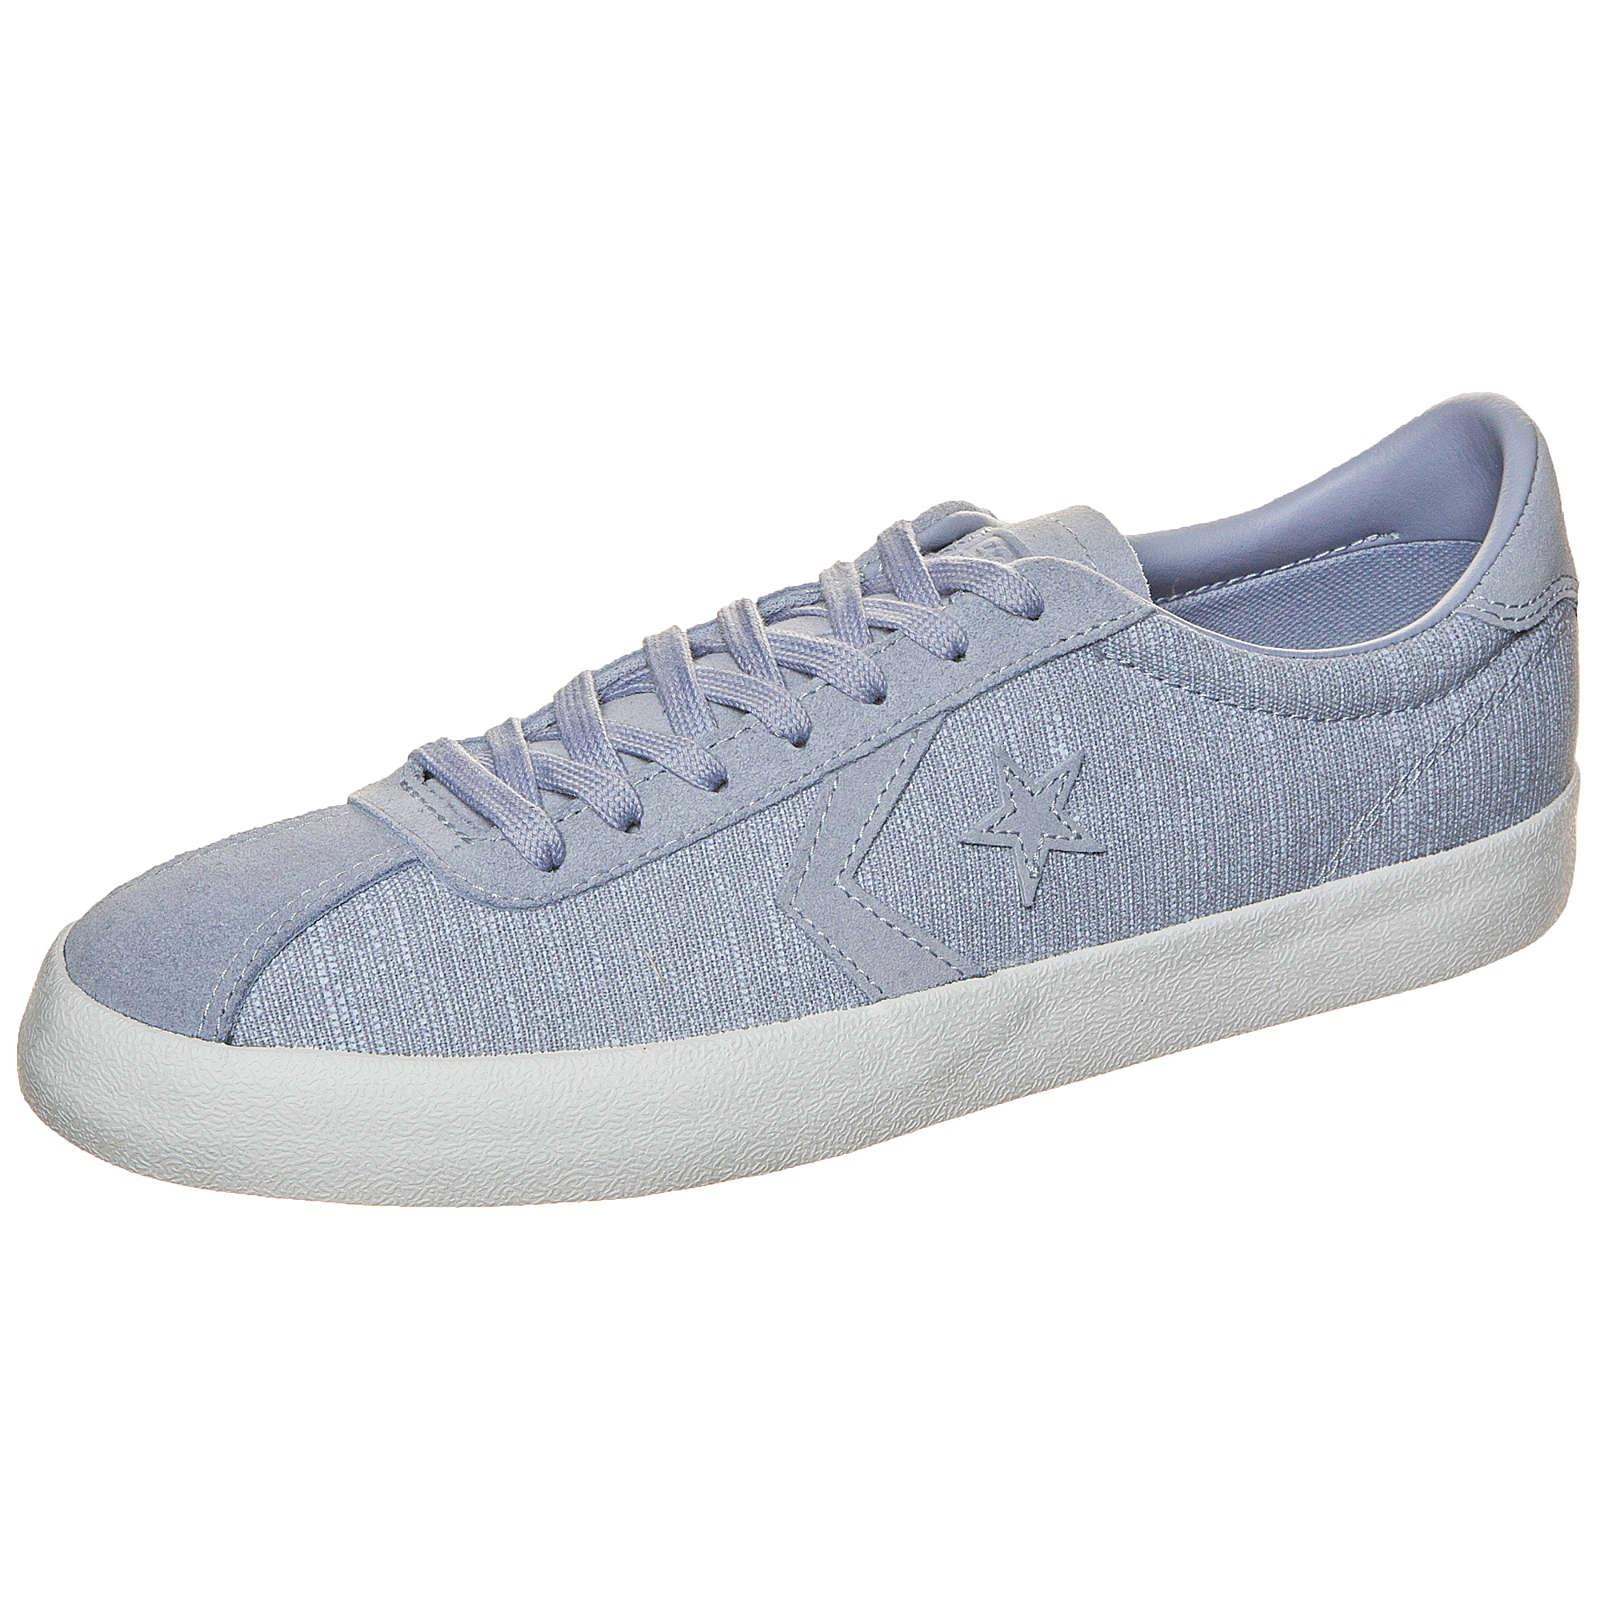 Converse Cons Breakpoint OX Sneaker hellblau Gr. 44,5